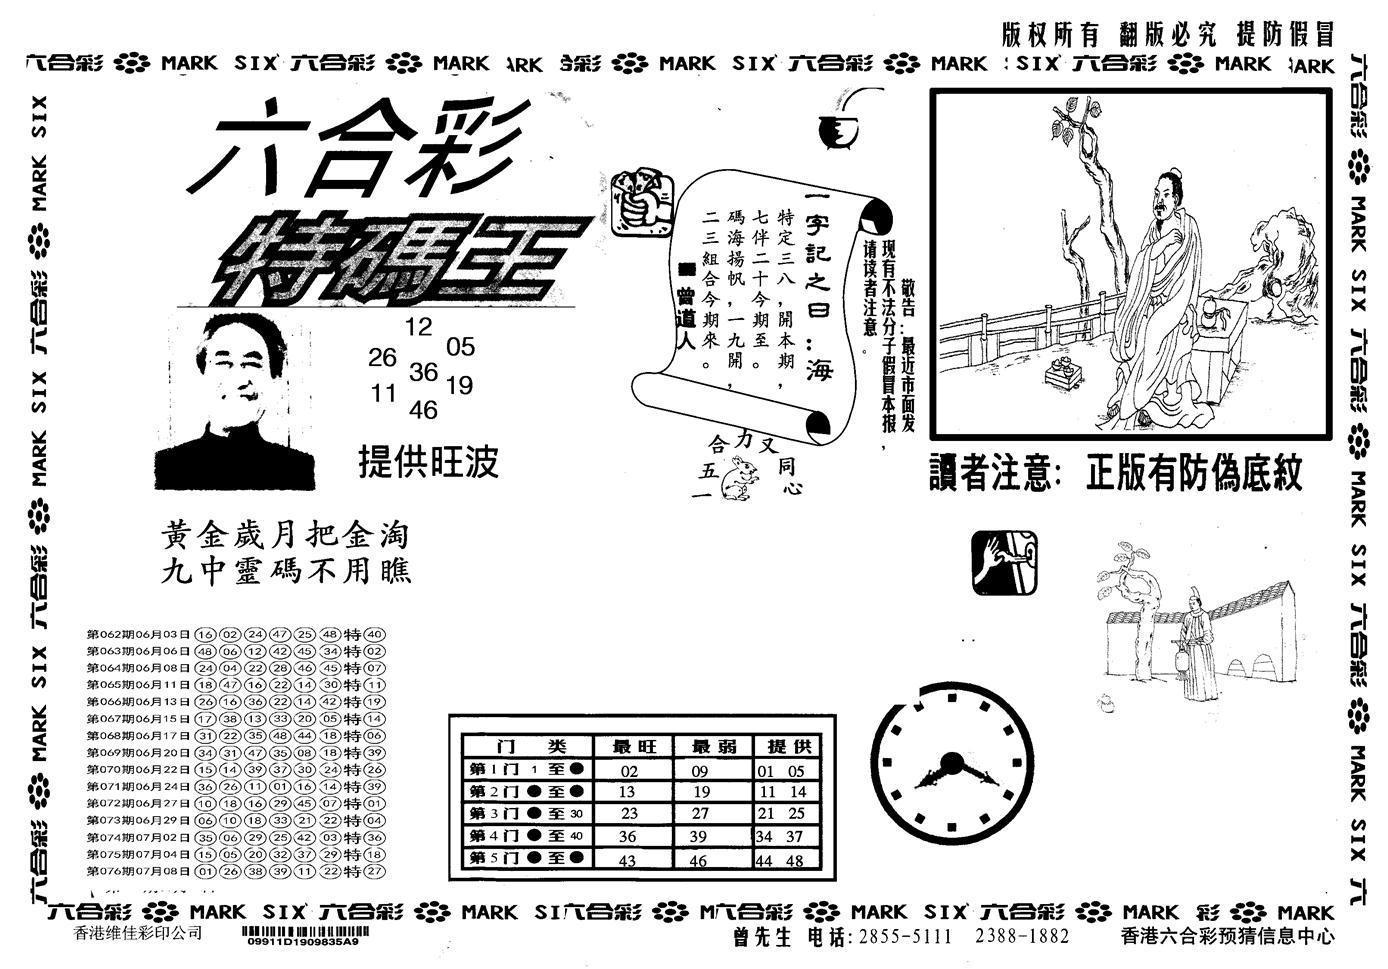 077期另版特码王(黑白)